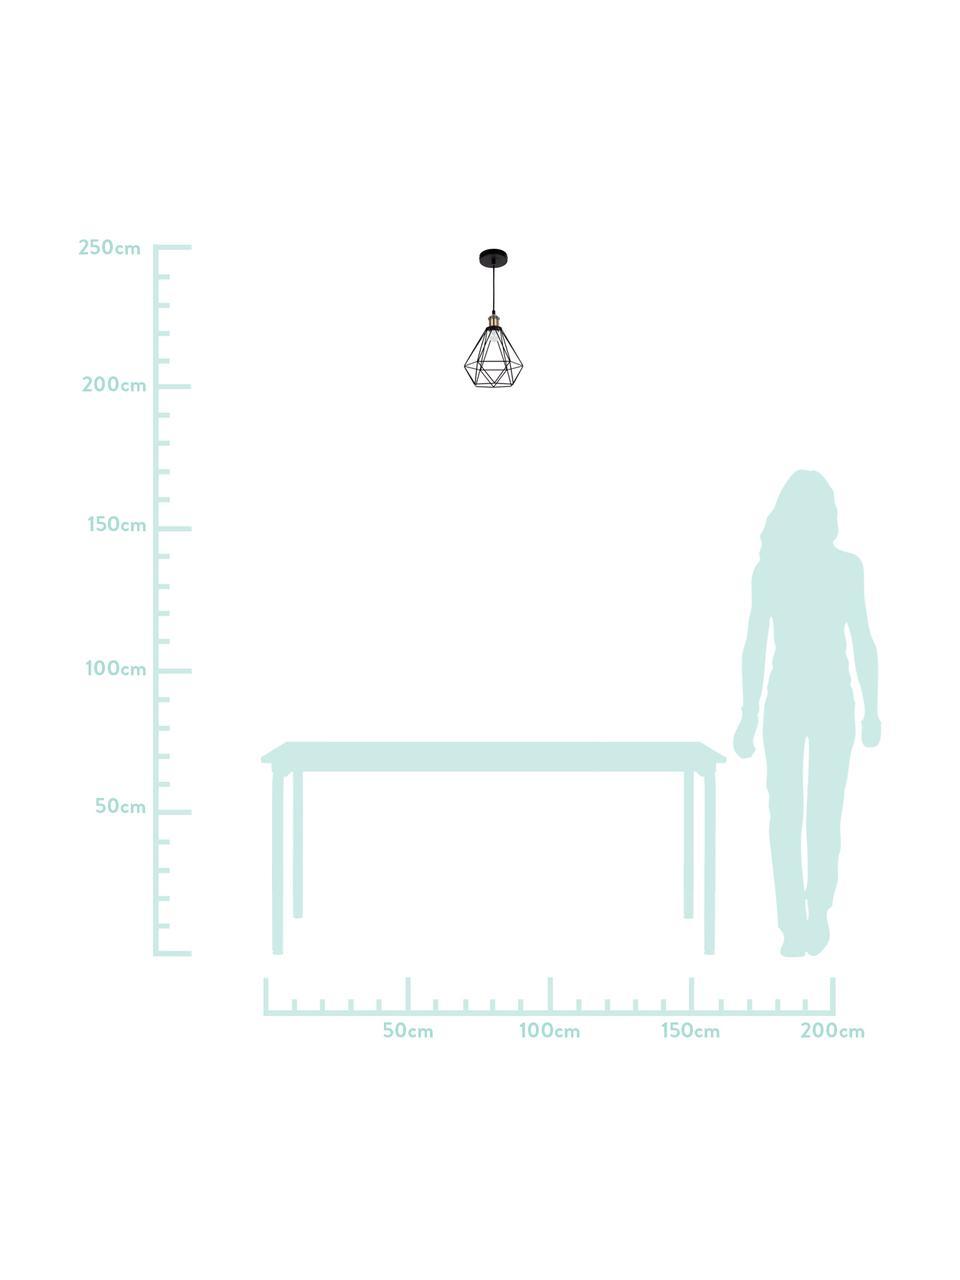 Lampada a sospensione industrial nera Agnes, Paralume: metallo, Decorazione: alluminio, Baldacchino: metallo, Struttura: nero, ottone Paralume: nero, Ø 21 x Alt. 22 cm